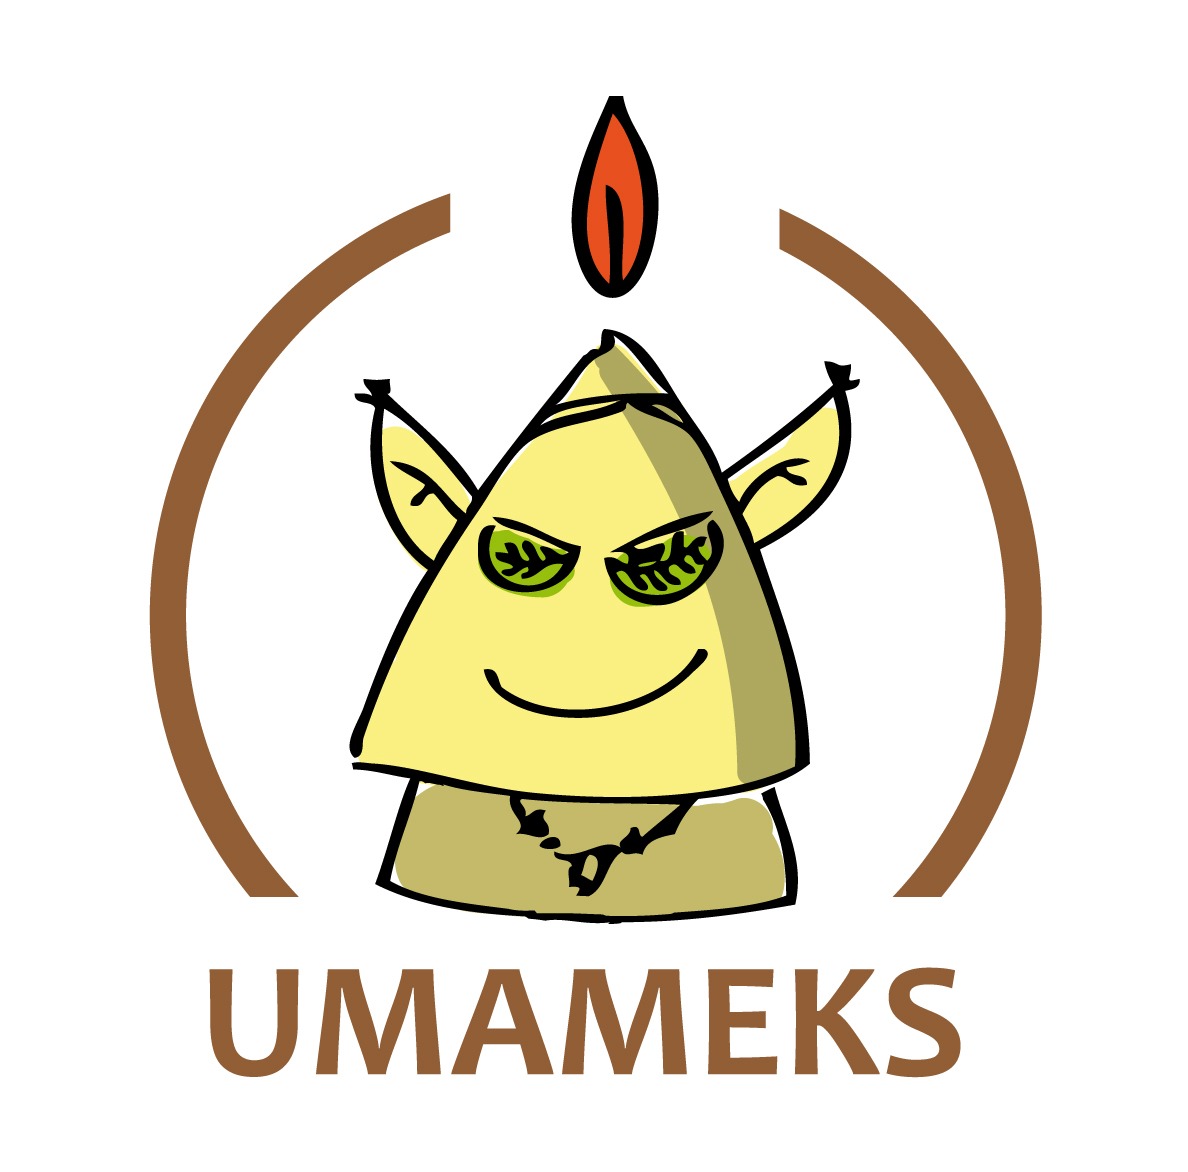 Umameks logo